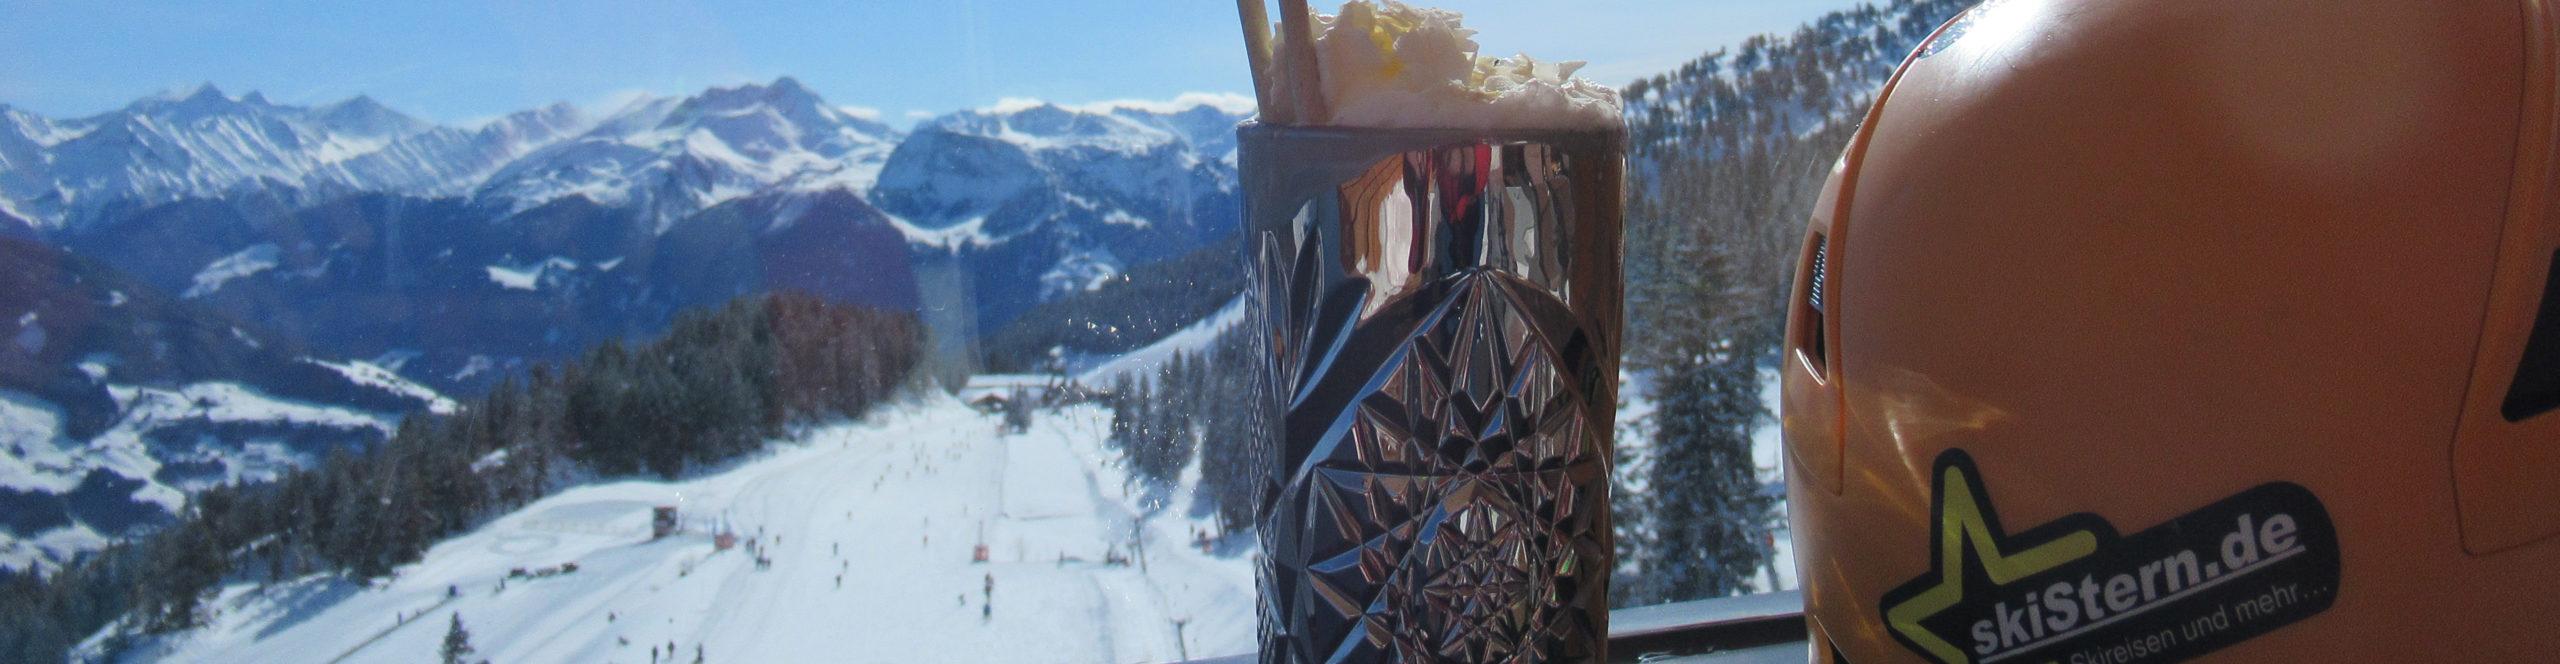 ZILLERTAL – Skiwochenende ab Freitag Nachmittag – 4 Sterne Hotel mit Schwimmbad